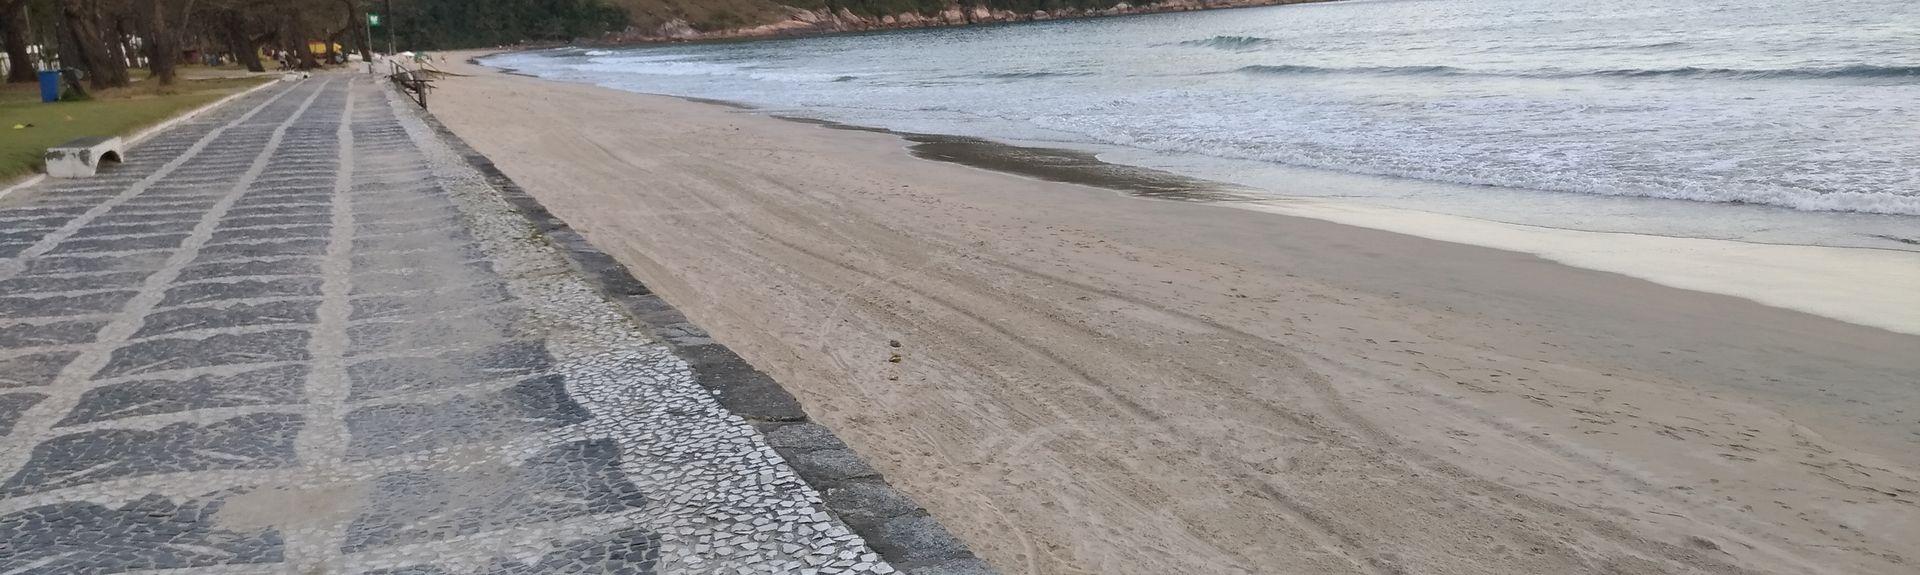 Guaiúba, Guaruja, San Paolo, Brasile